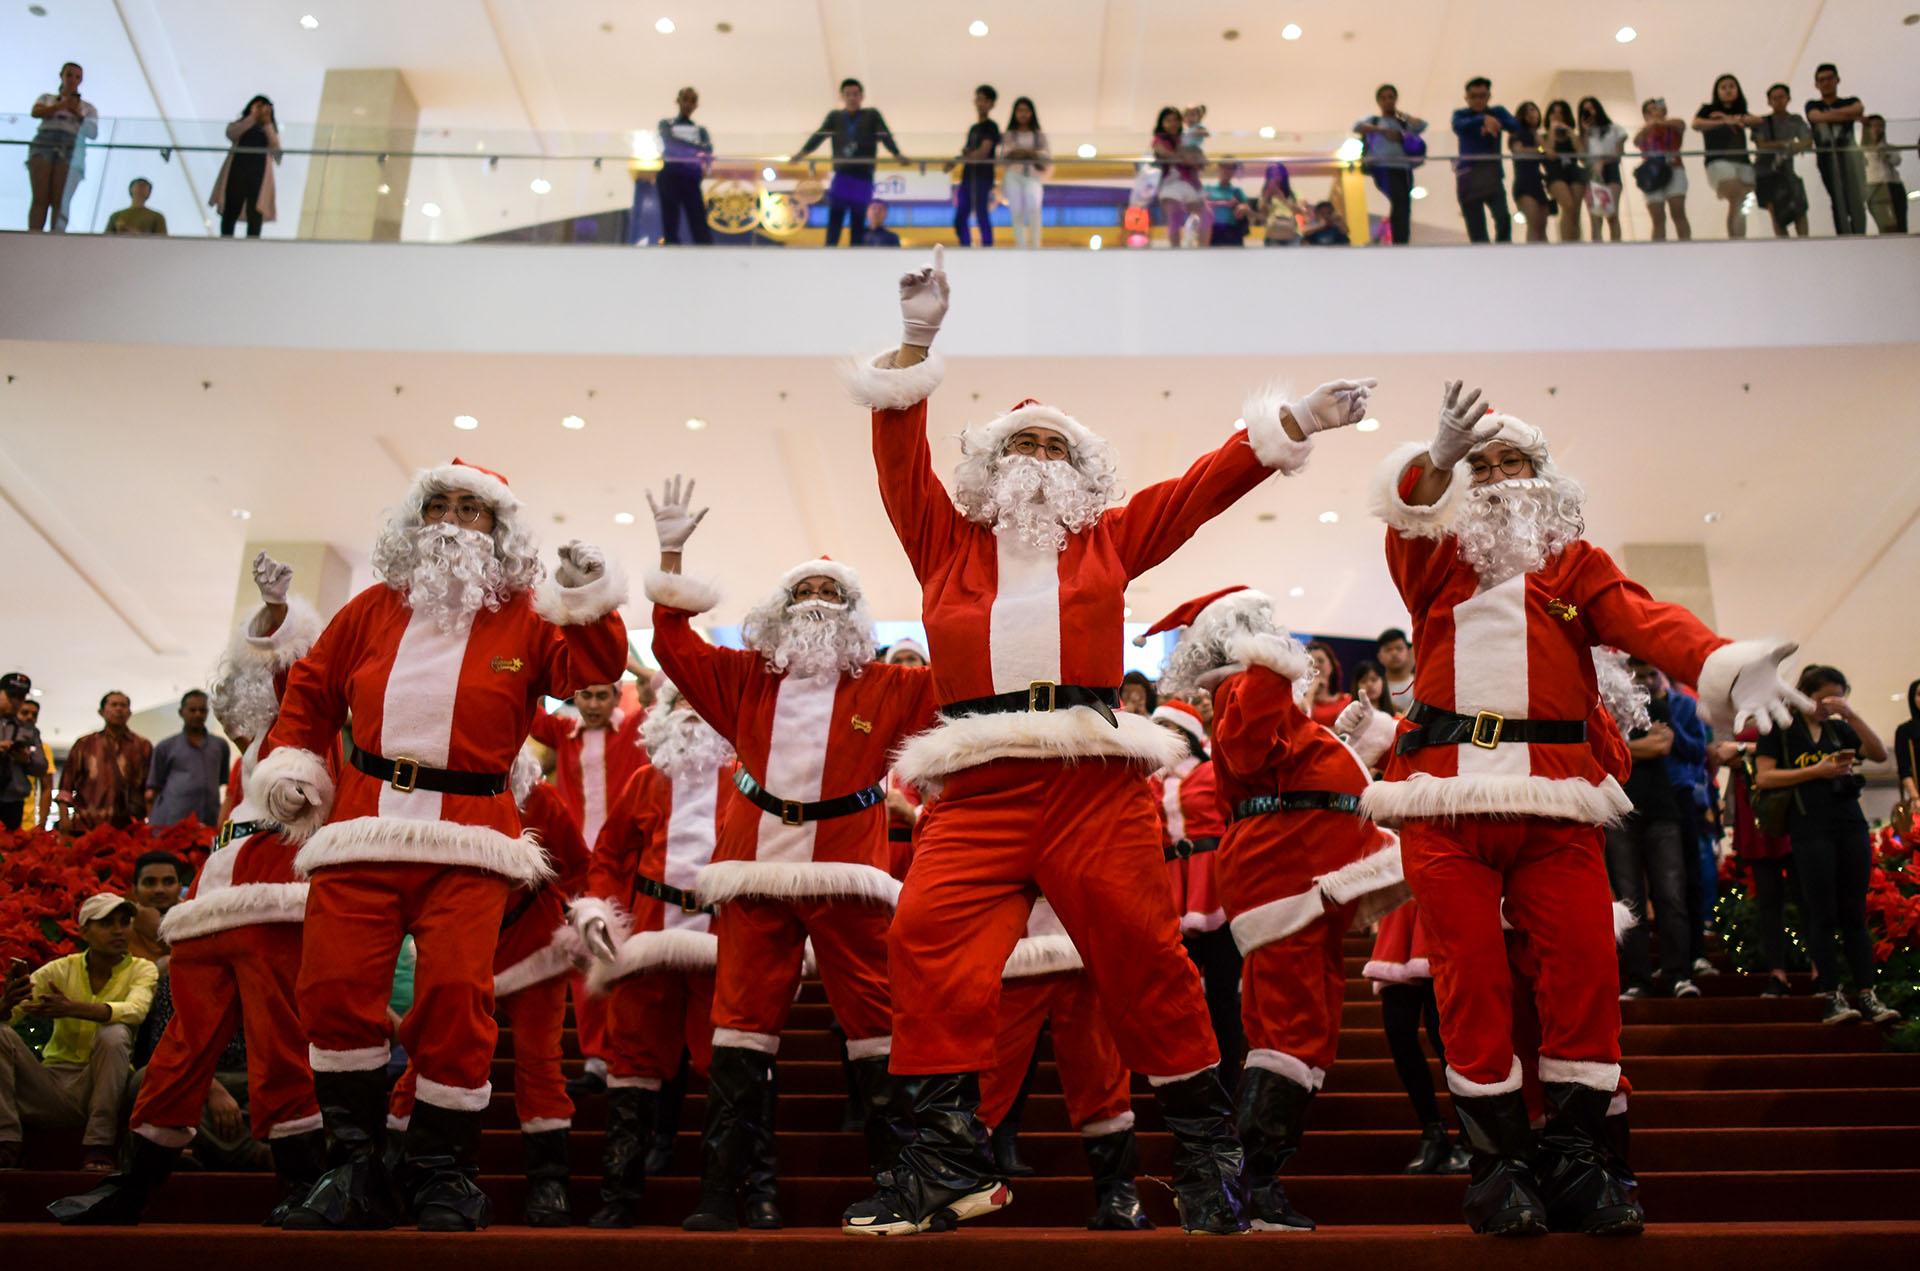 Intérpretes vestidos con trajes de Santa Claus bailan en un centro comercial en Kuala Lumpur el 18 de diciembre de 2017. (AFP)